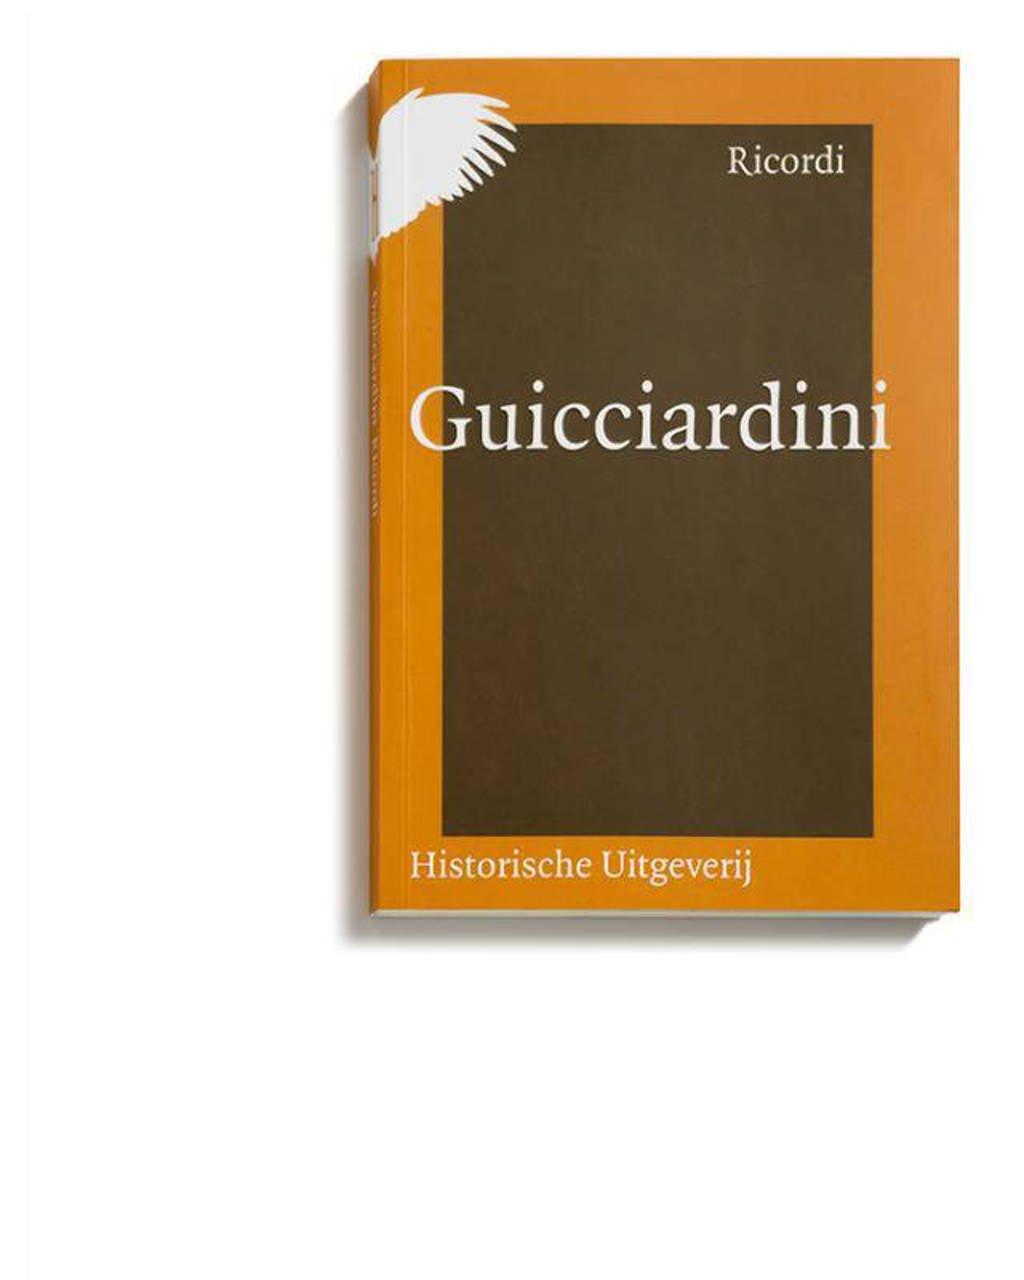 Ricordi - Francesco Guicciardini